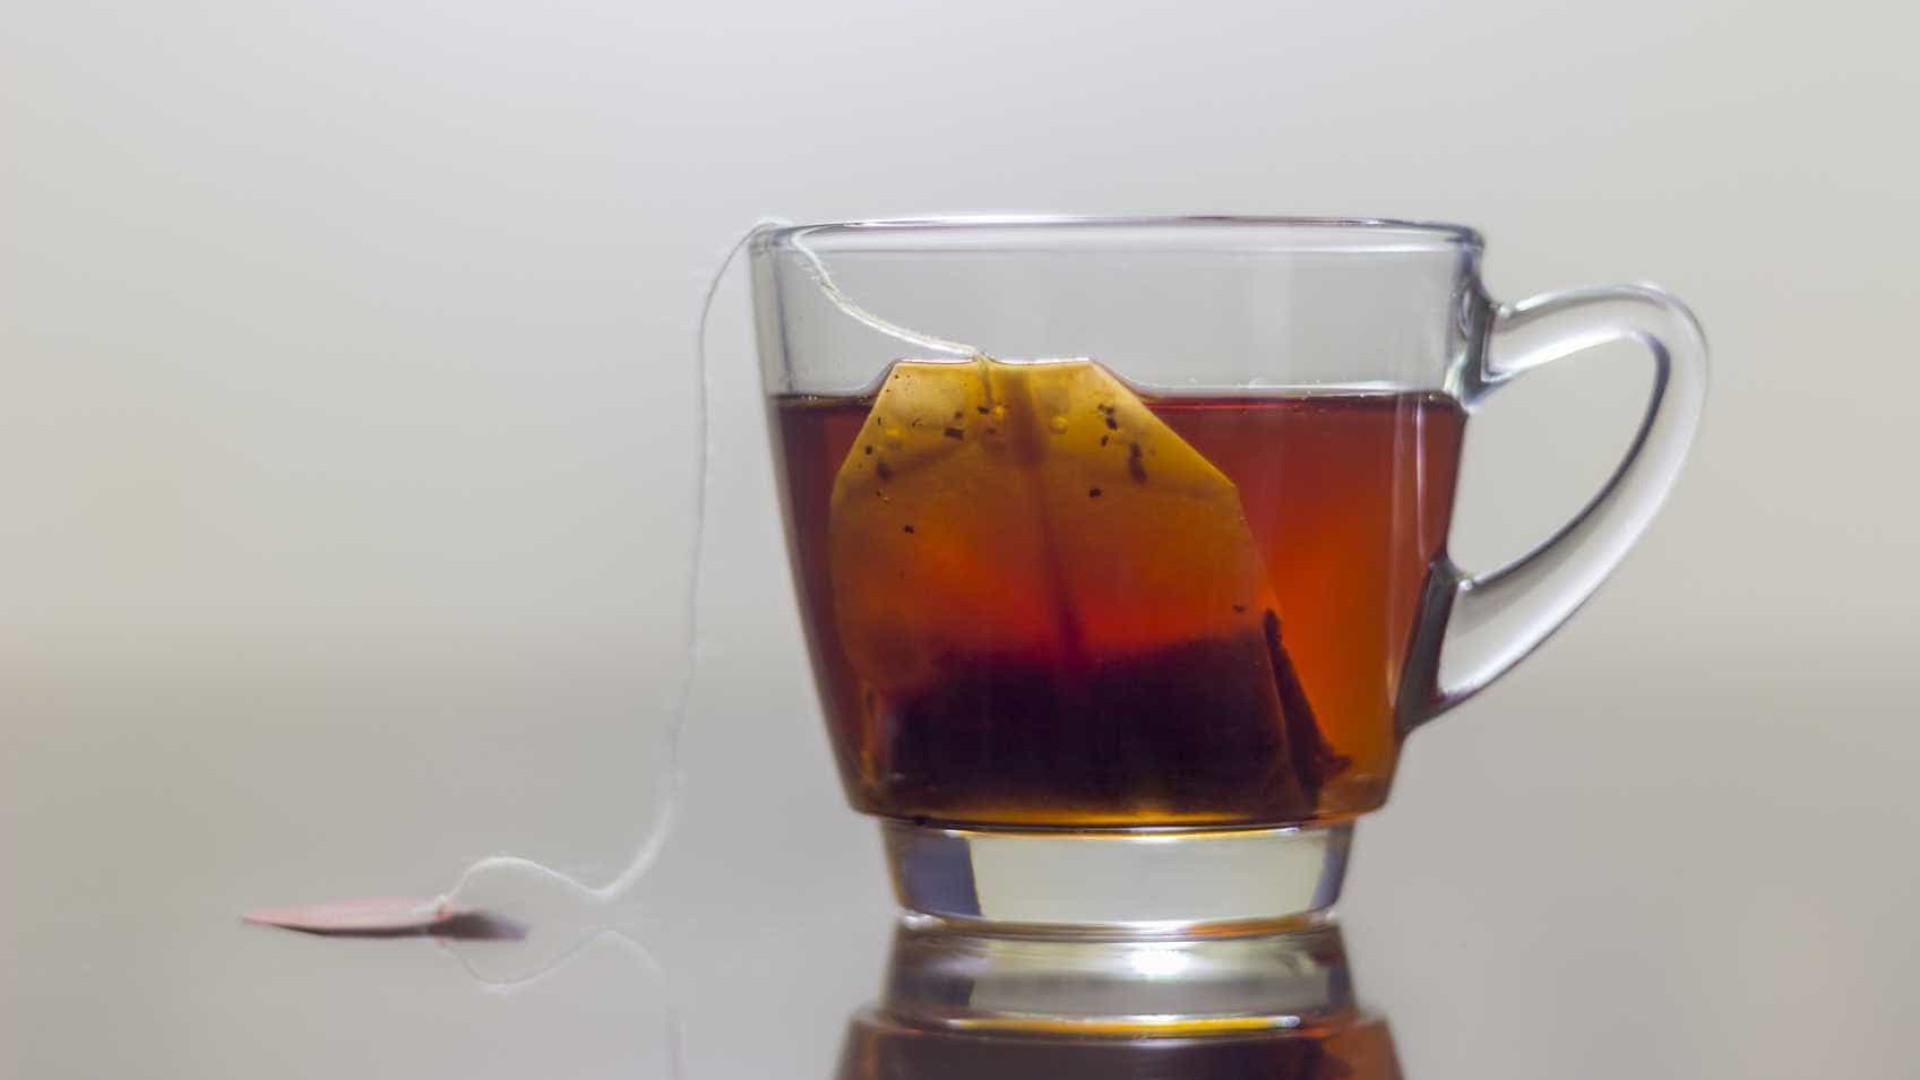 Por que não é boa ideia deixar saqueta de chá na caneca enquanto o bebe